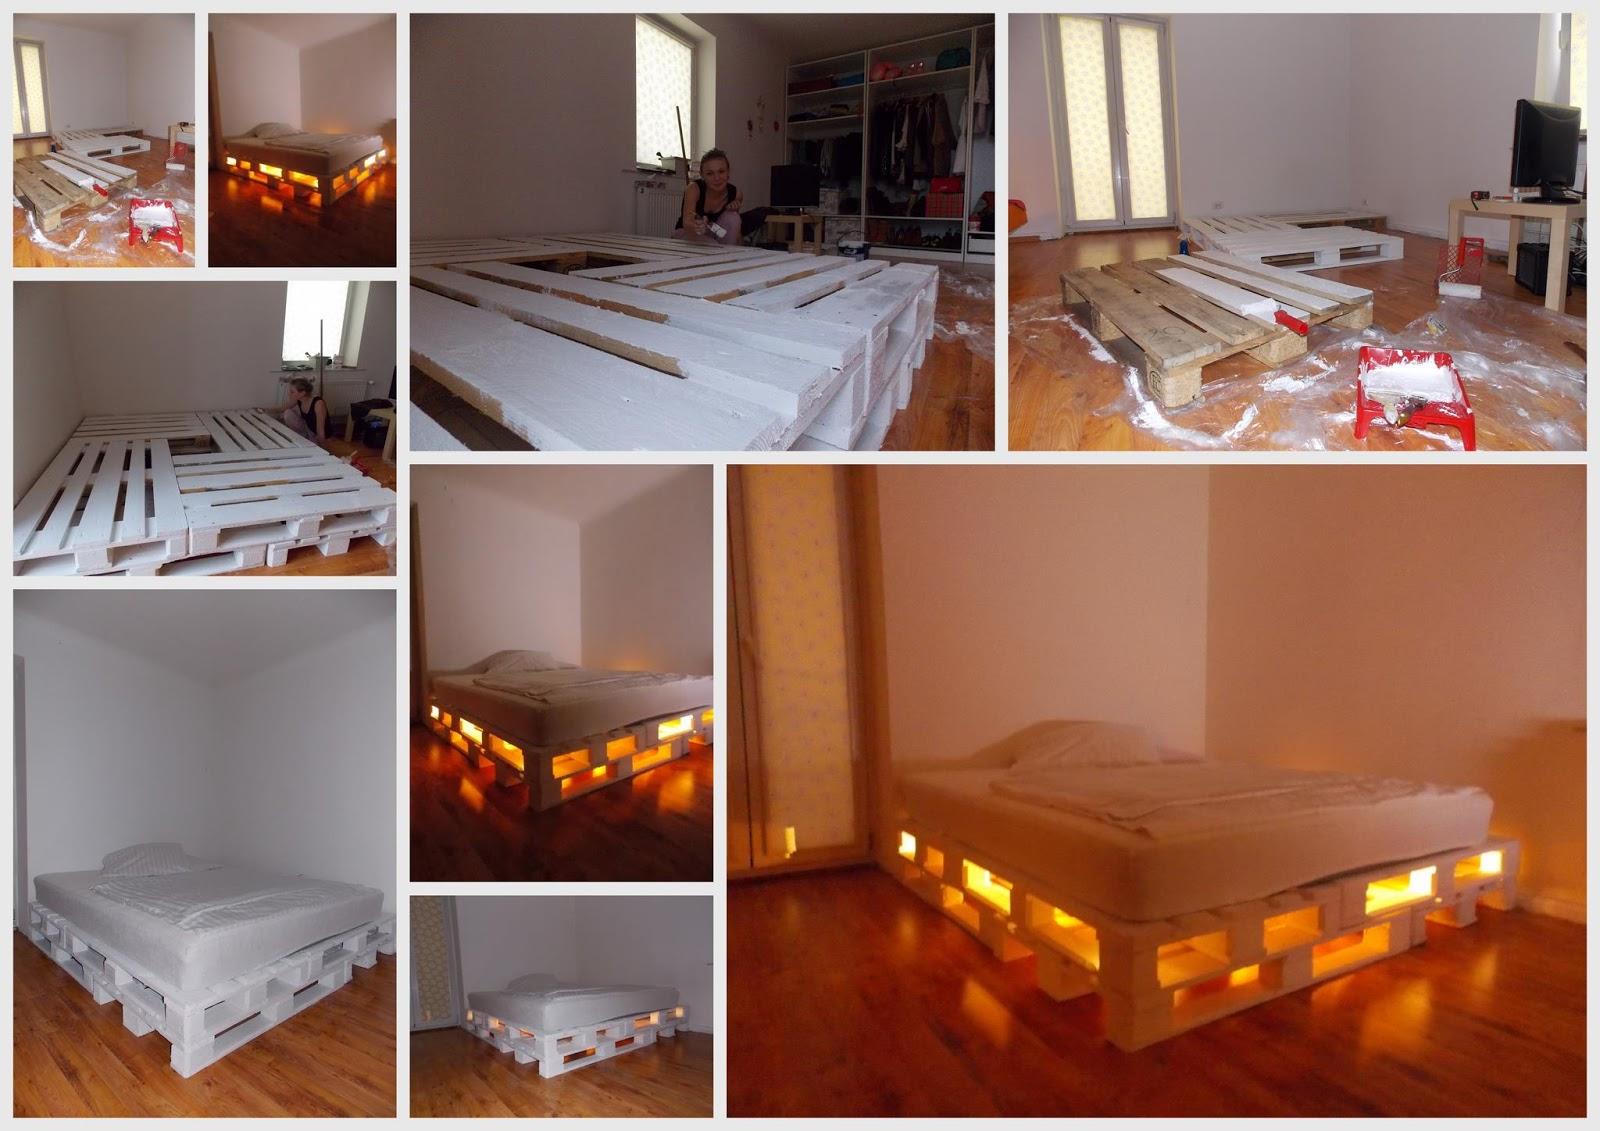 essa Diy super legal que explica como montar uma linda cama de casal #BC400F 1600x1131